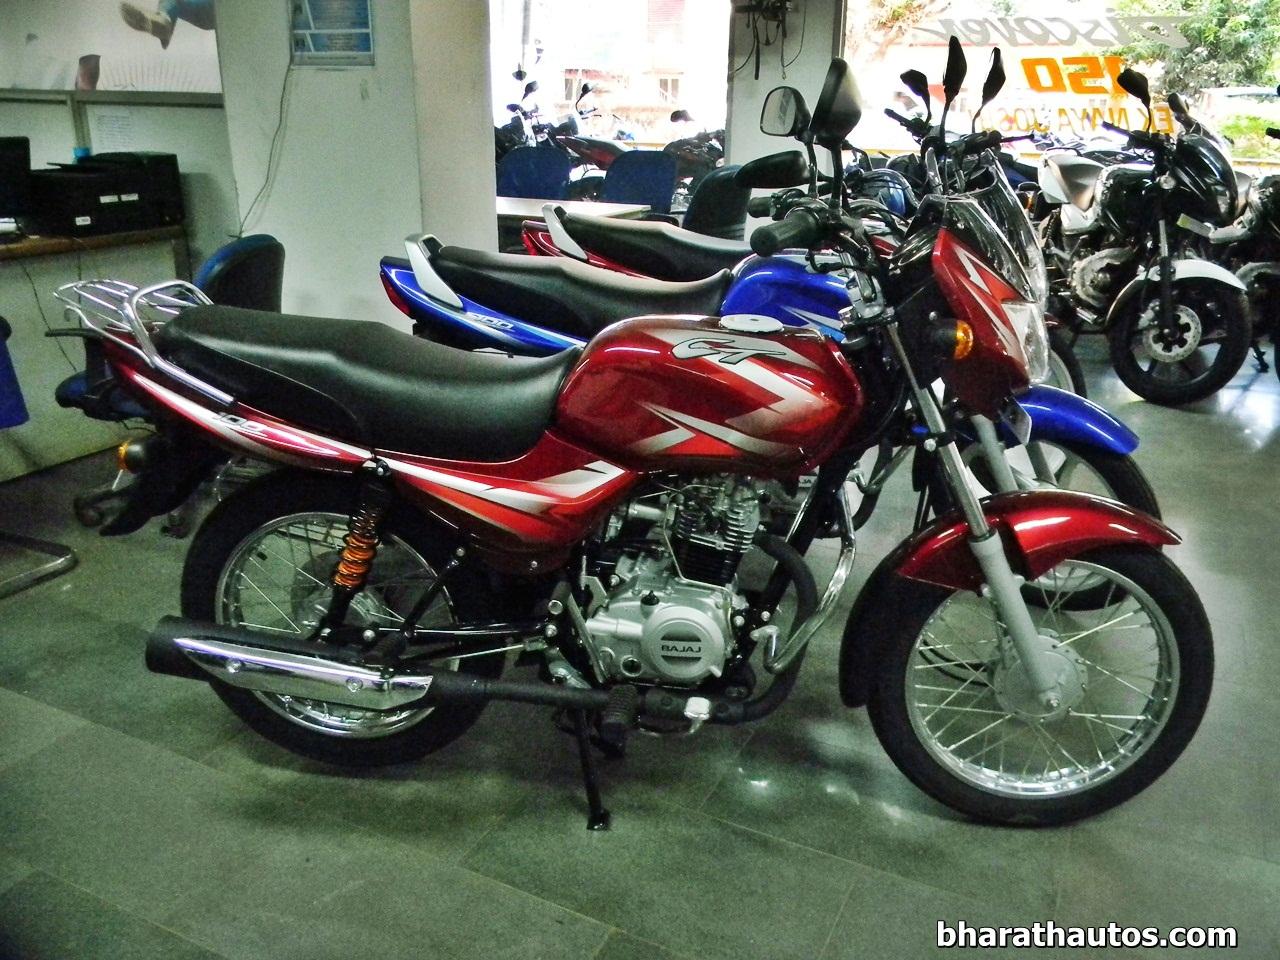 Bajaj ct 100 price in bangalore dating 1